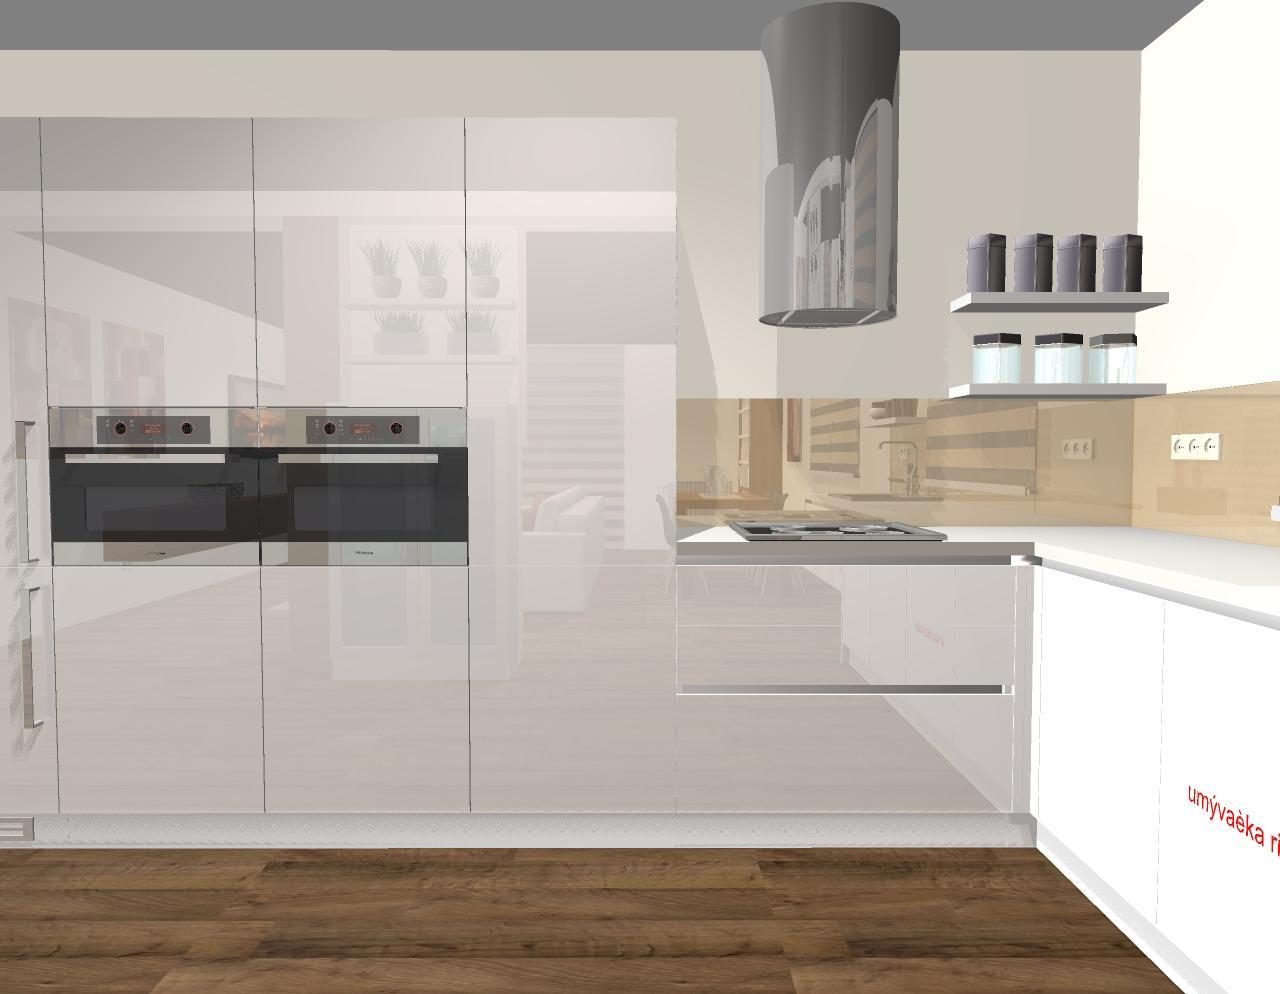 Grafické návrhy kuchyňa + obývačka - grafický návrh kuchyne v modernom štýle - verzia 1 - obr. 3